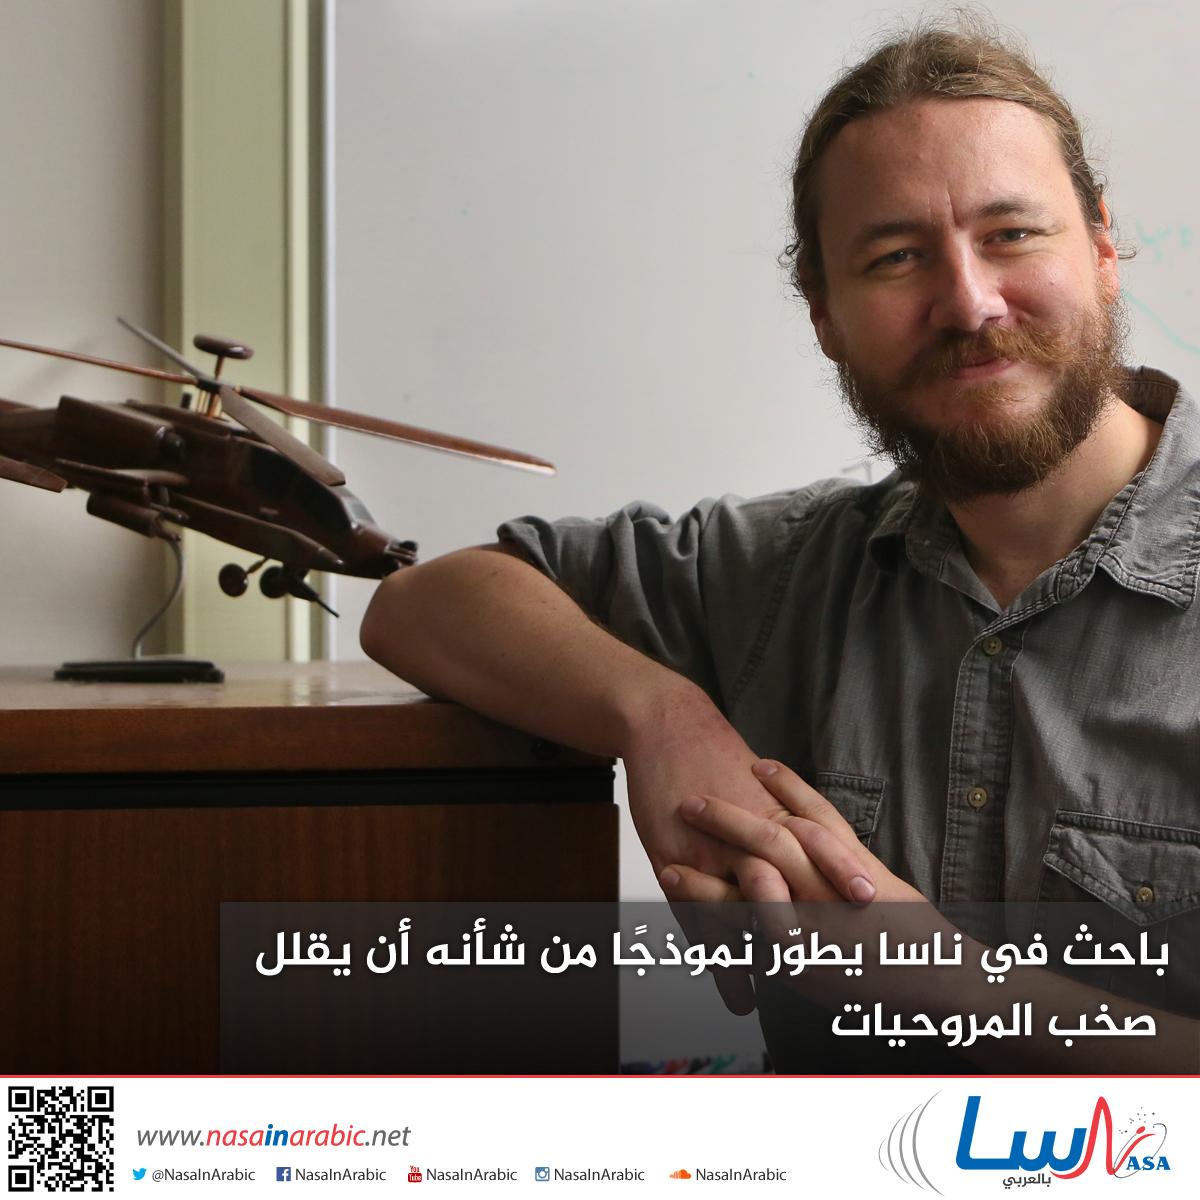 باحث في ناسا يطوّر نموذجًا من شأنه أن يقلل صخب المروحيات